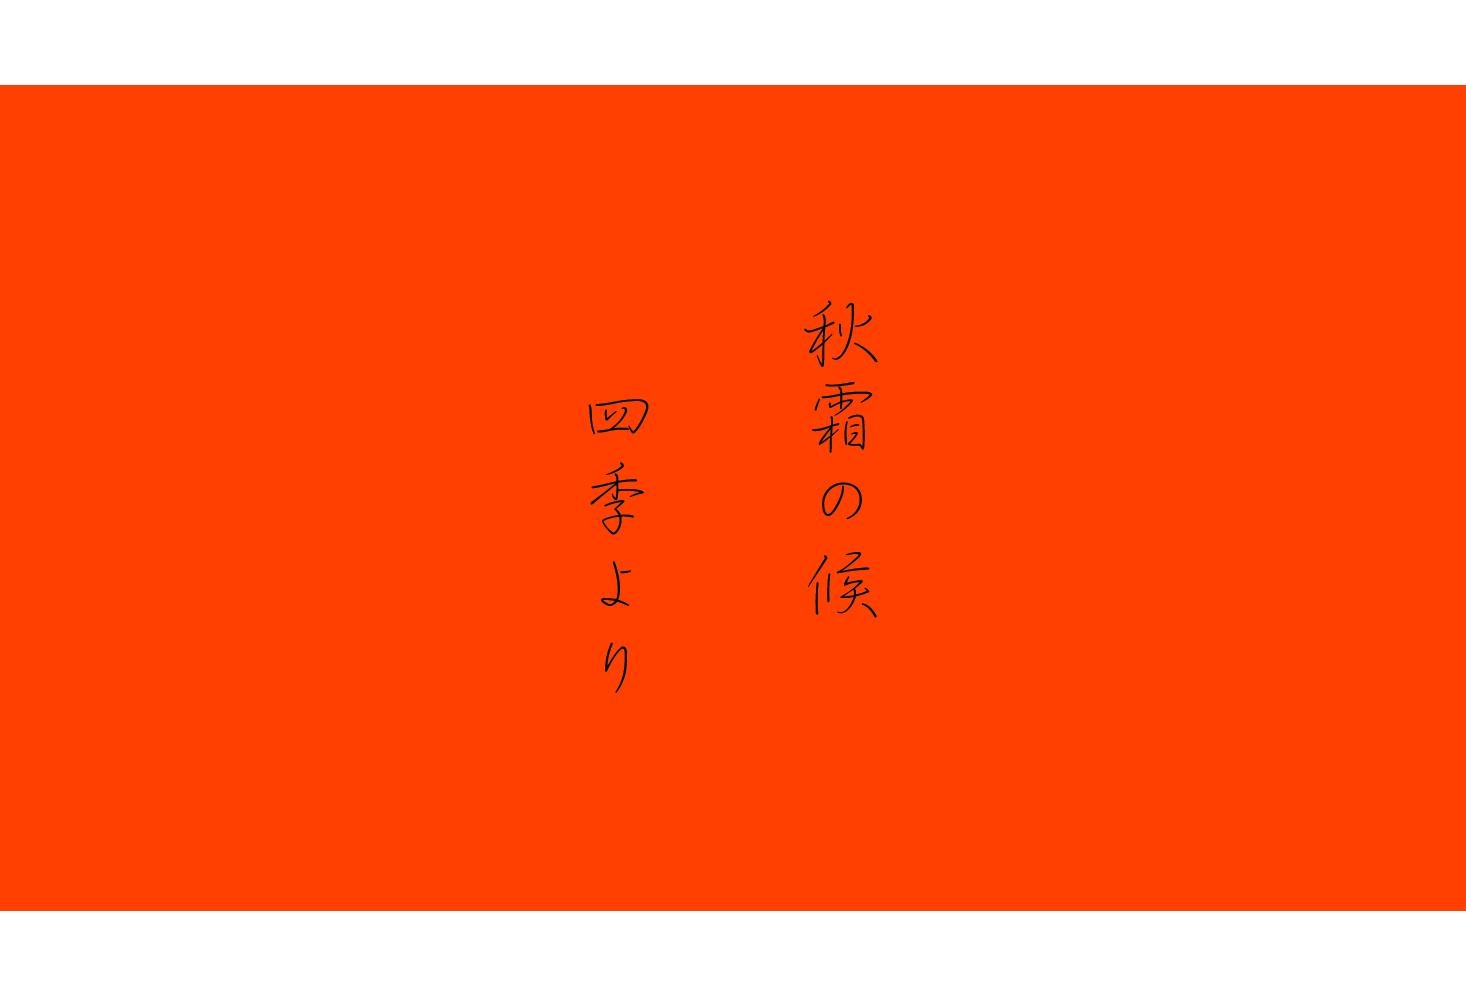 秋霜の候 Art event